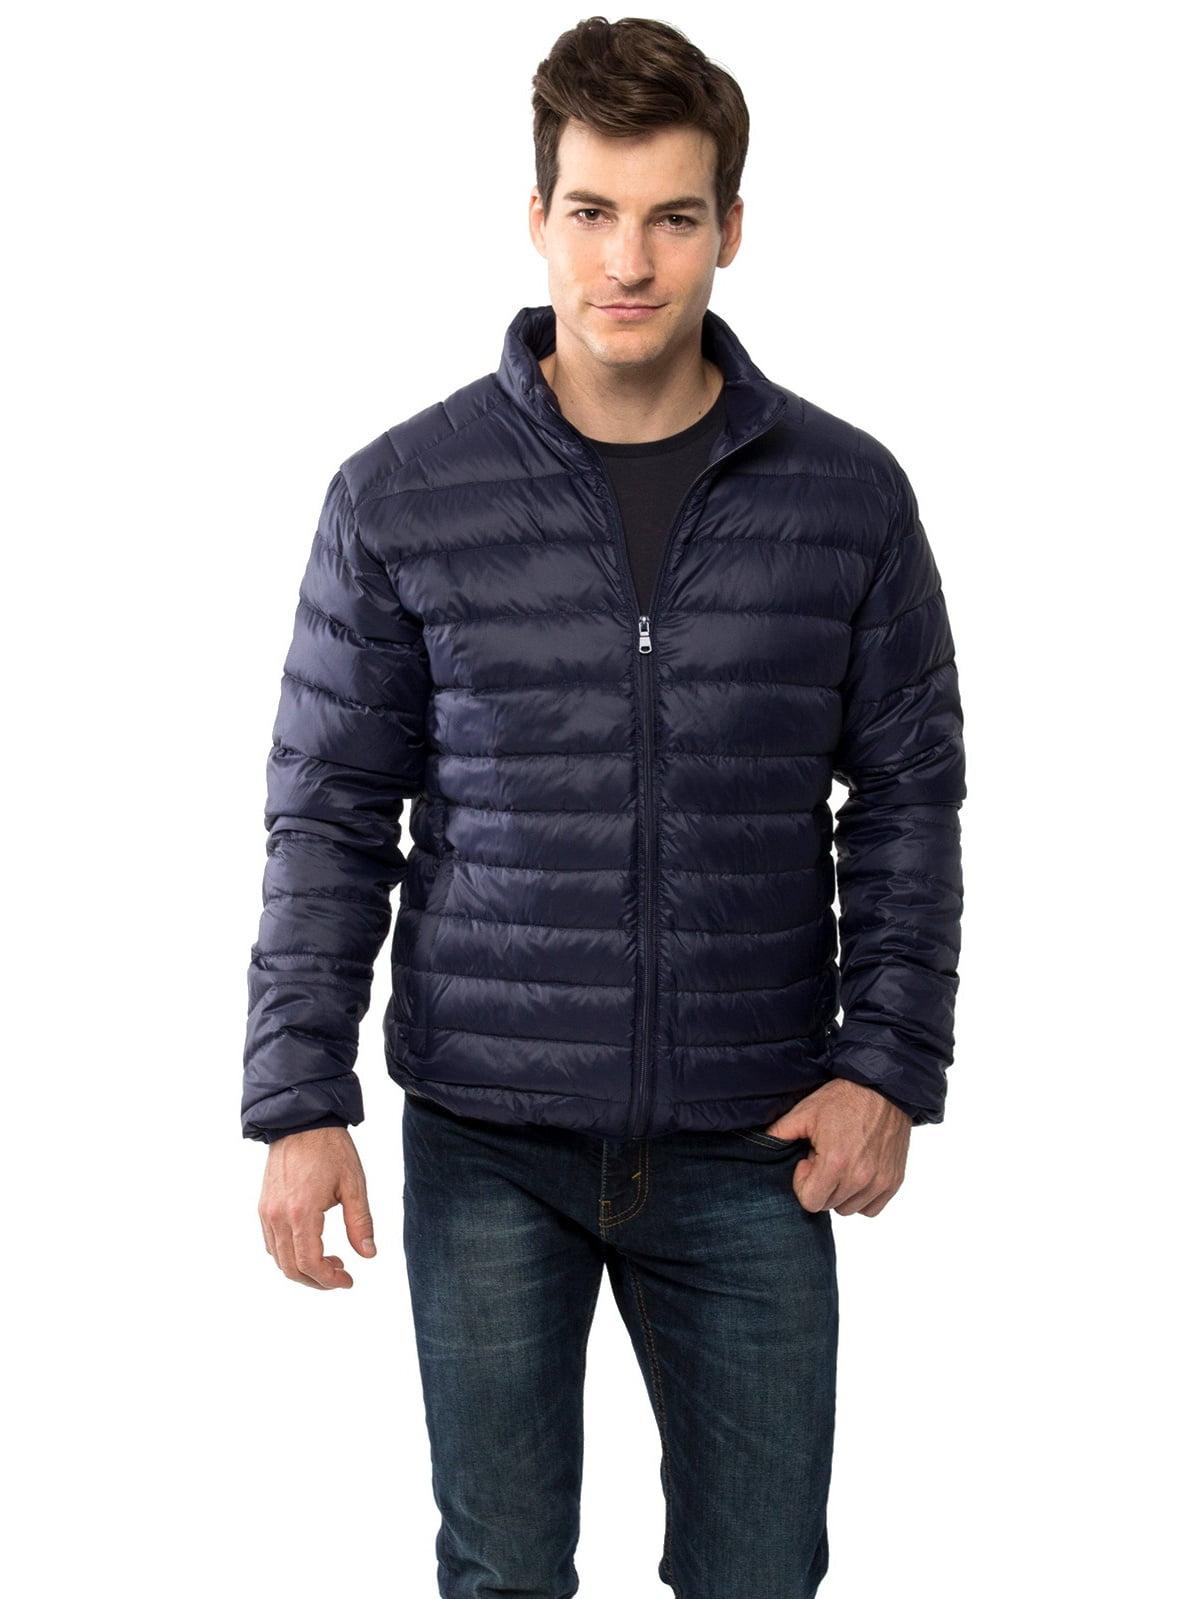 Niko Men's Down Jacket Puffer Bubble Coat Packable Light Warm Parka